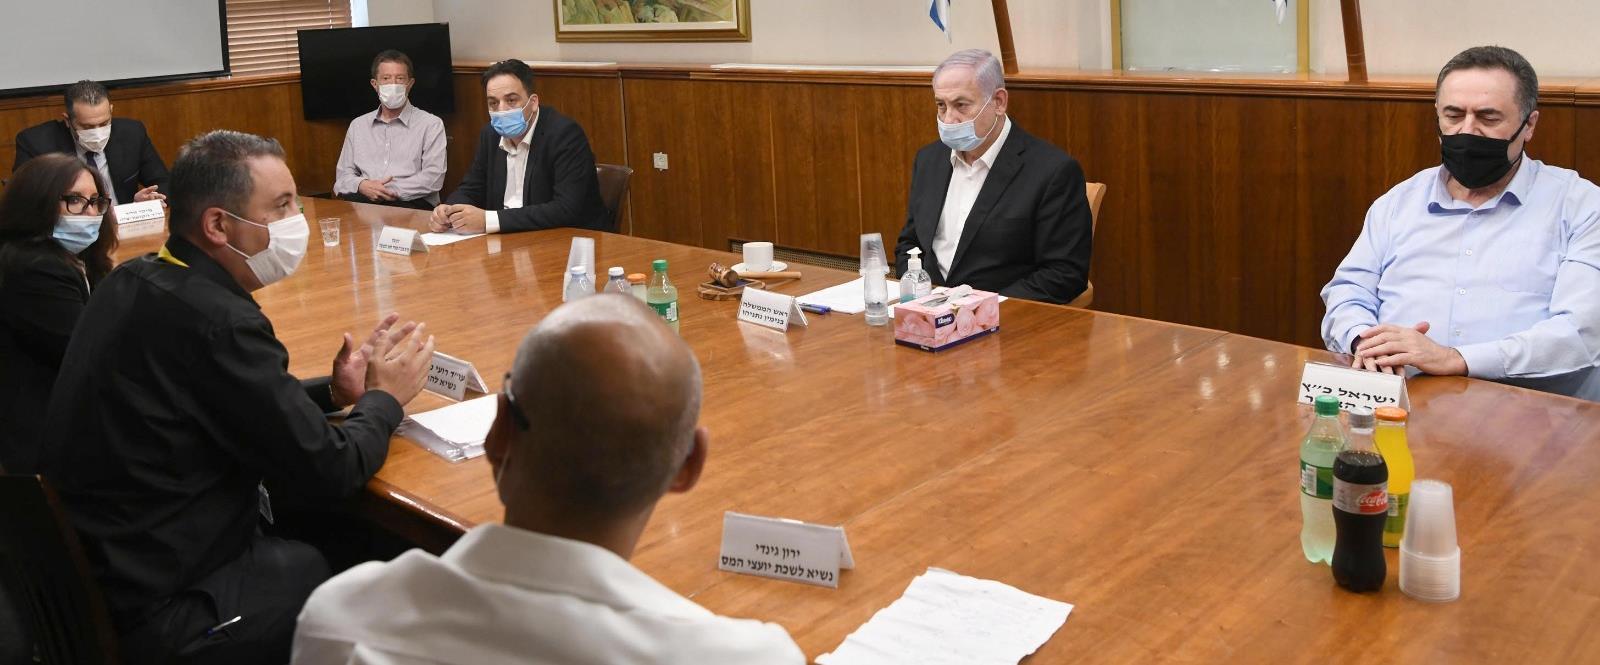 פגישת נתניהו ושר האוצר עם נציגי העצמאים